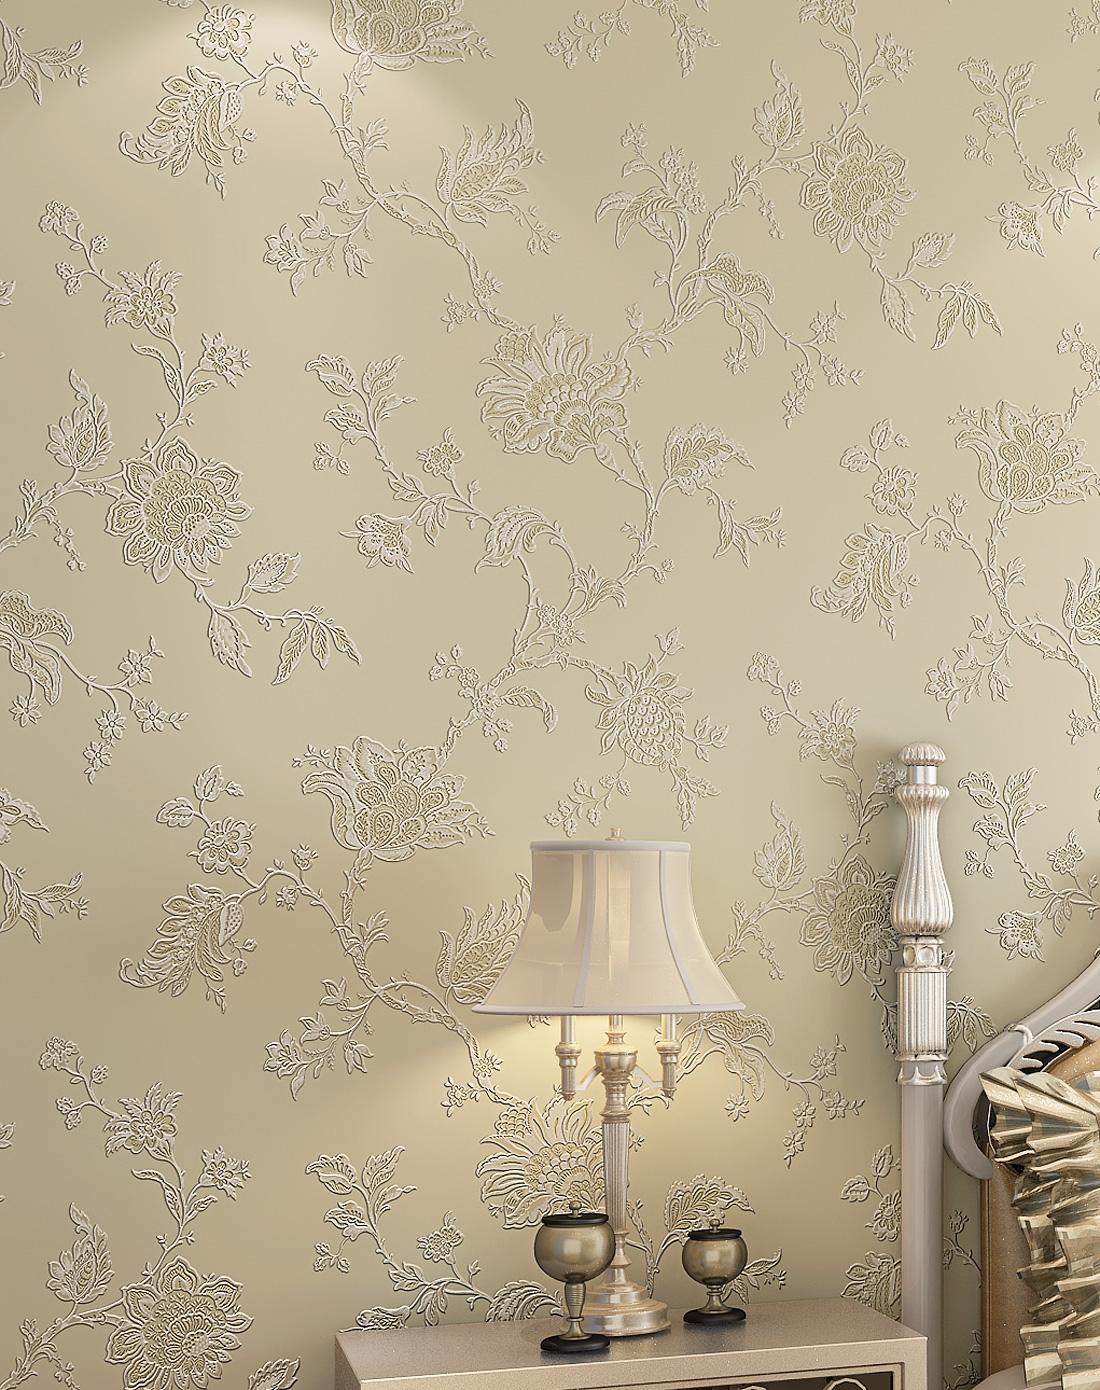 纸尚美学墙纸专场米色3d浮雕欧式简约风格立体壁纸